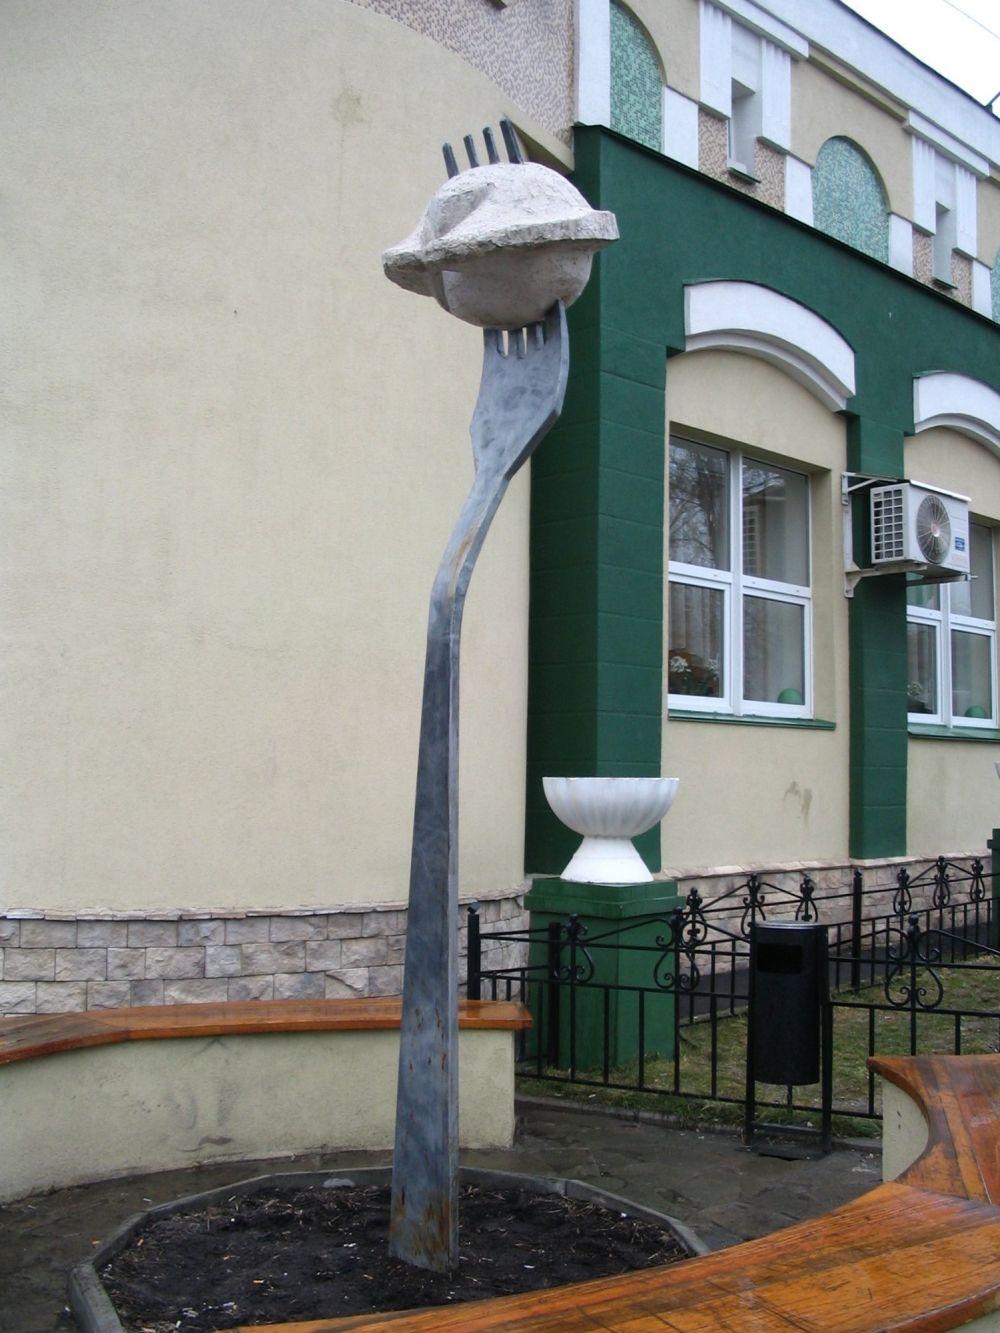 Памятник «Пельменю» в Ижевске. Он открылся в октябре 2004 года на улице Краева